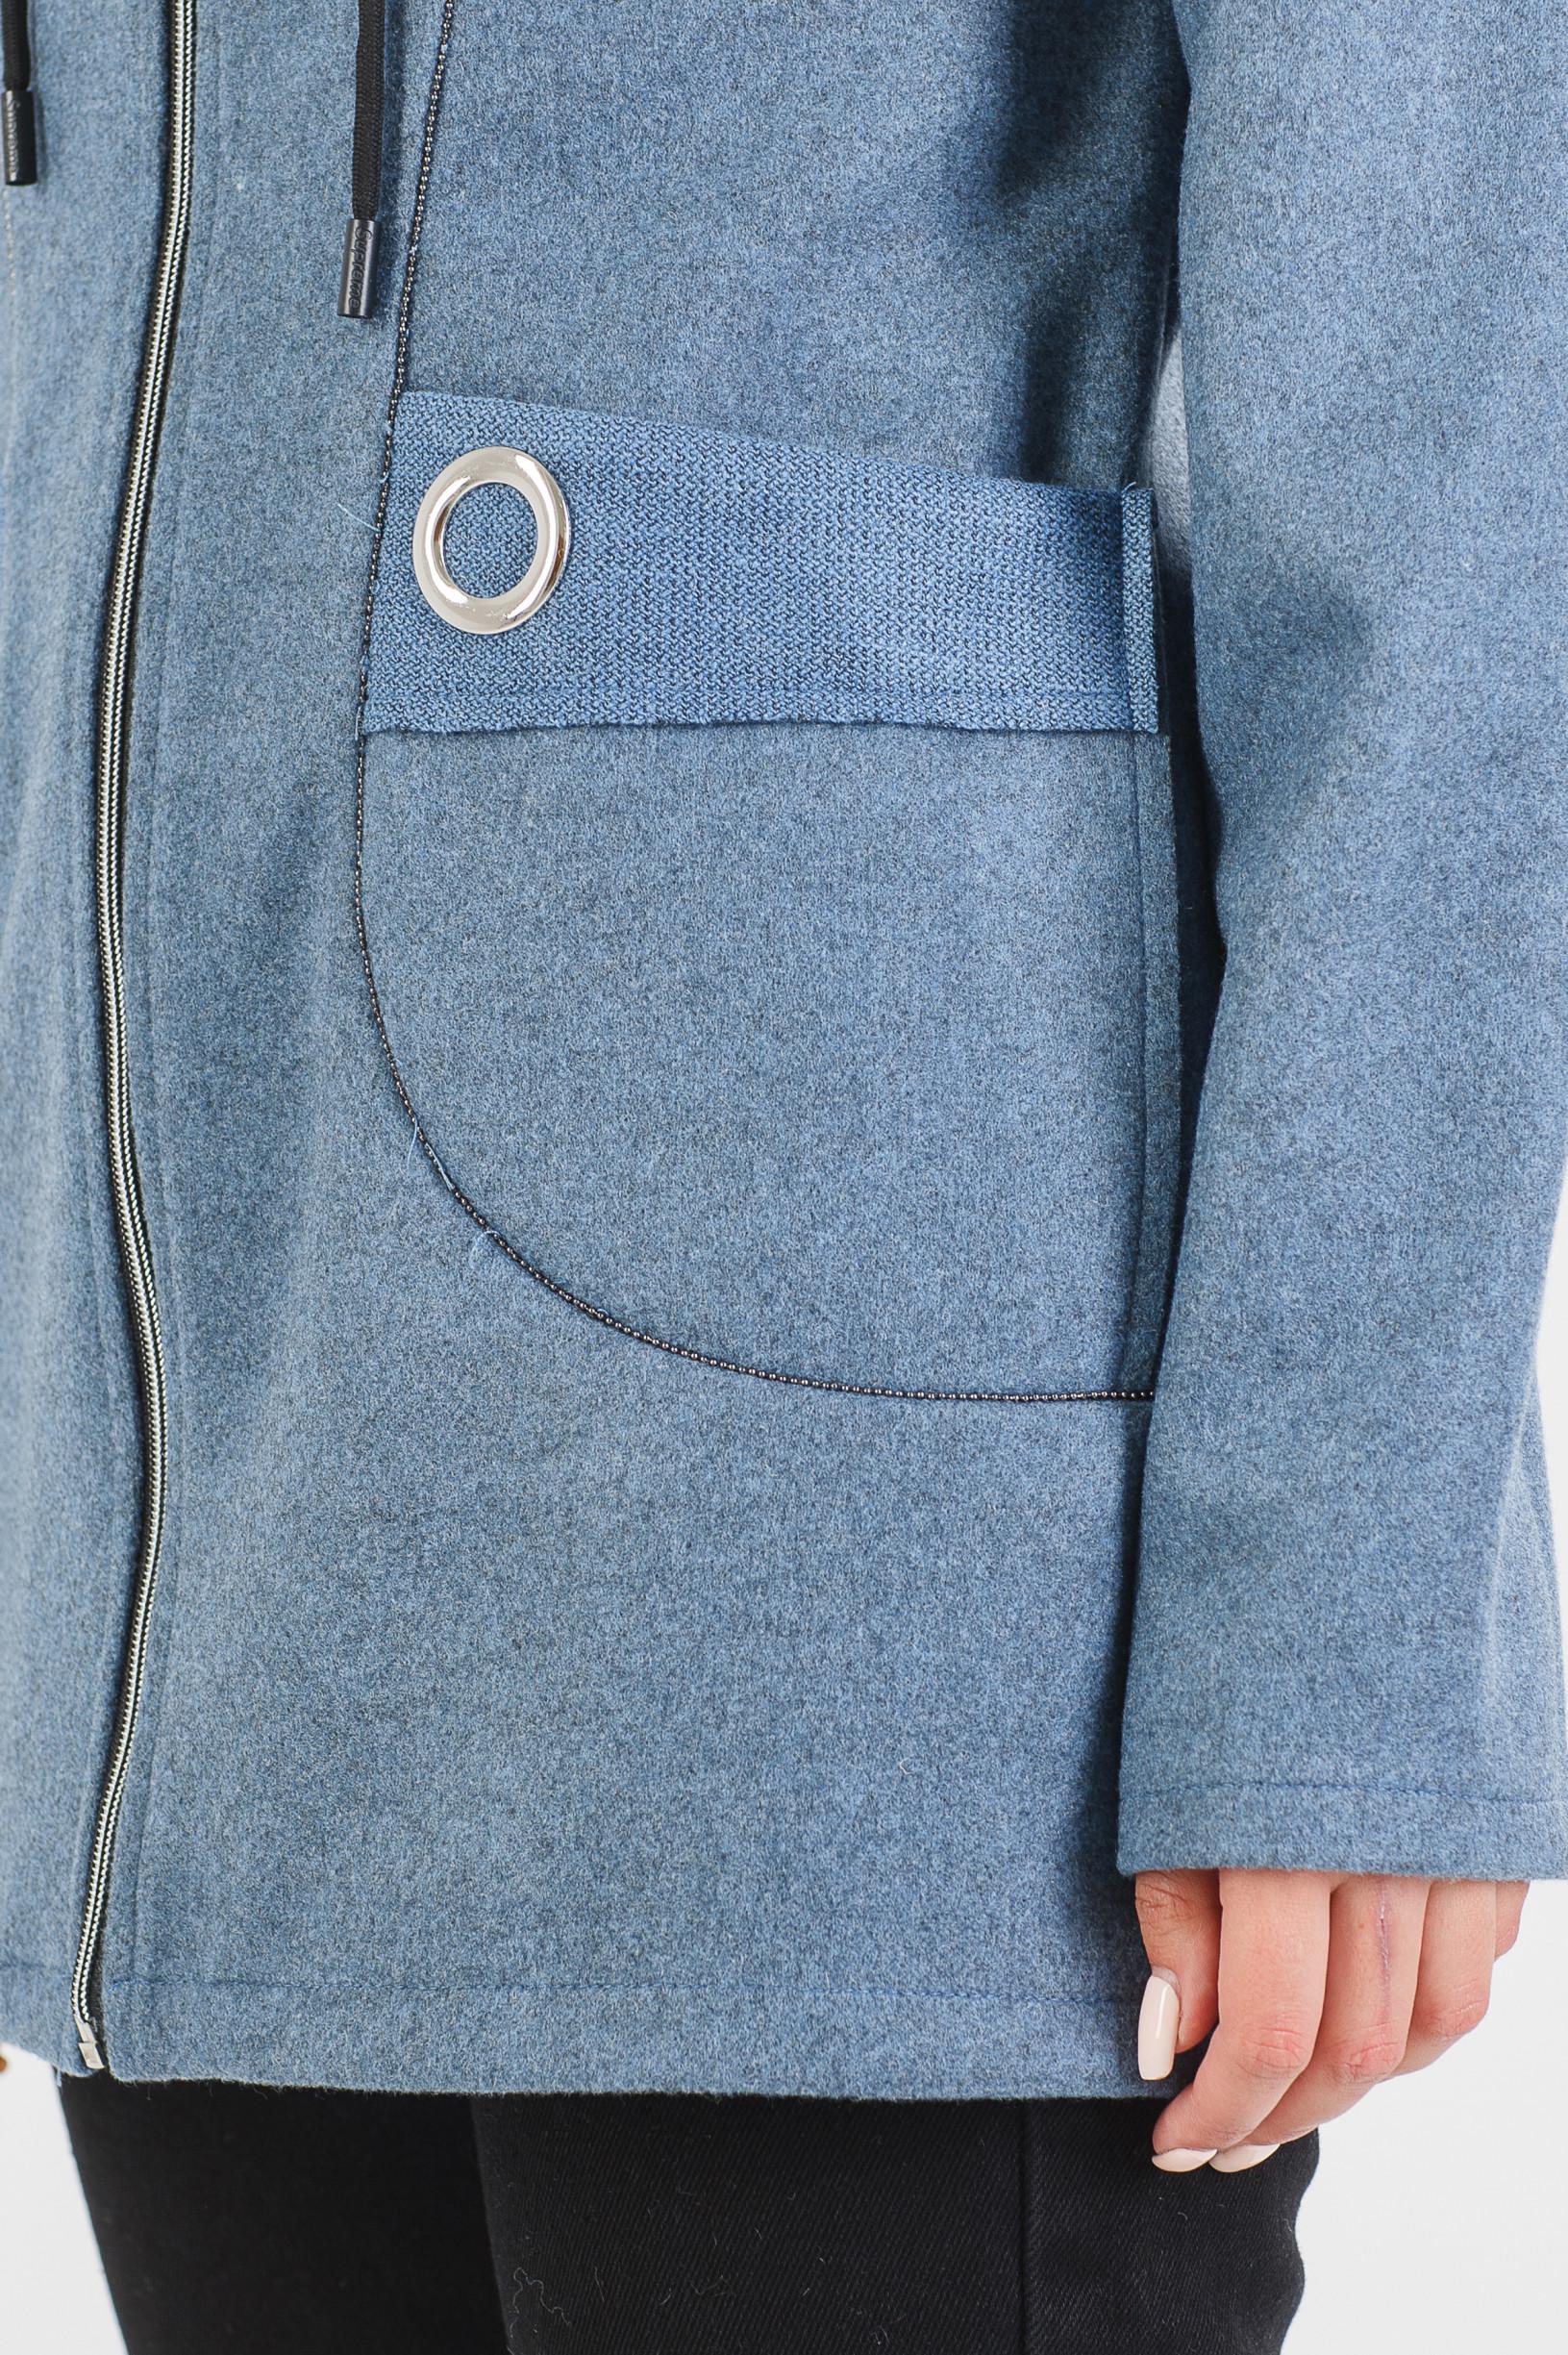 Стильный джинсовый кардиган Ости